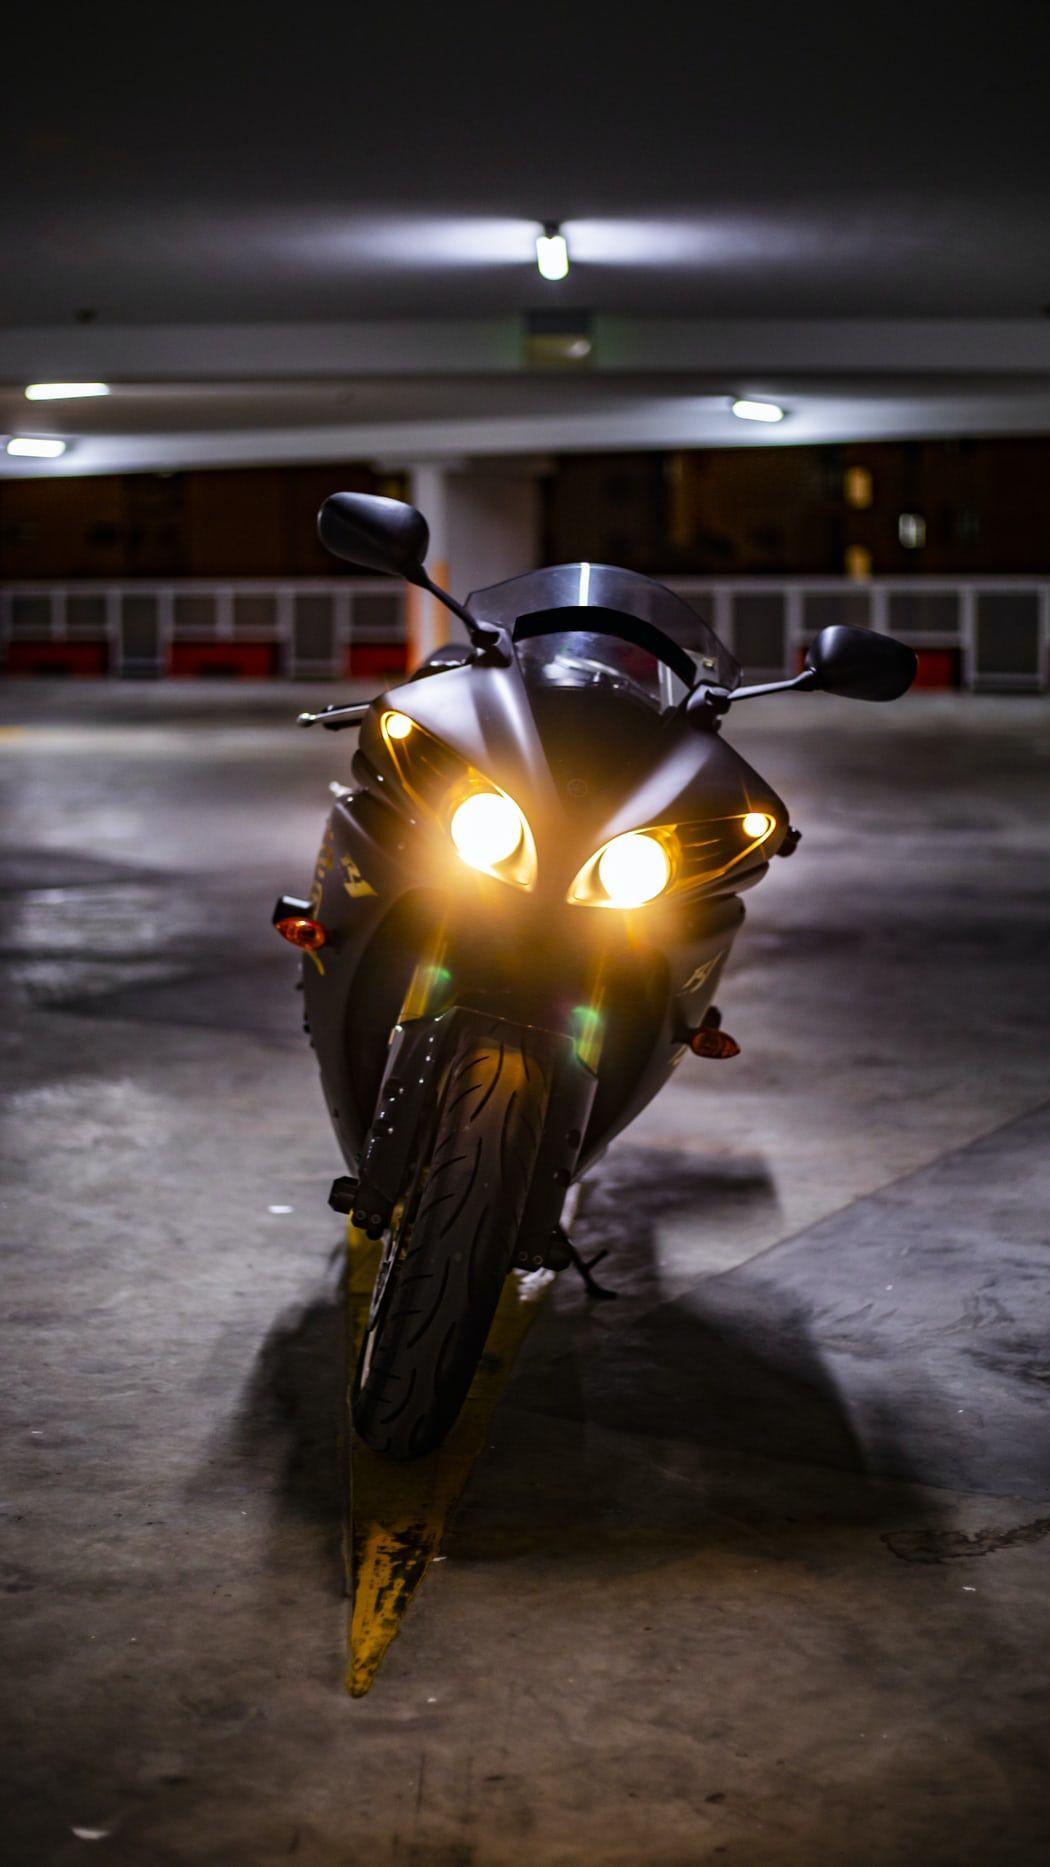 black motorcycle photo Free Motorcycle Image on Unsplash